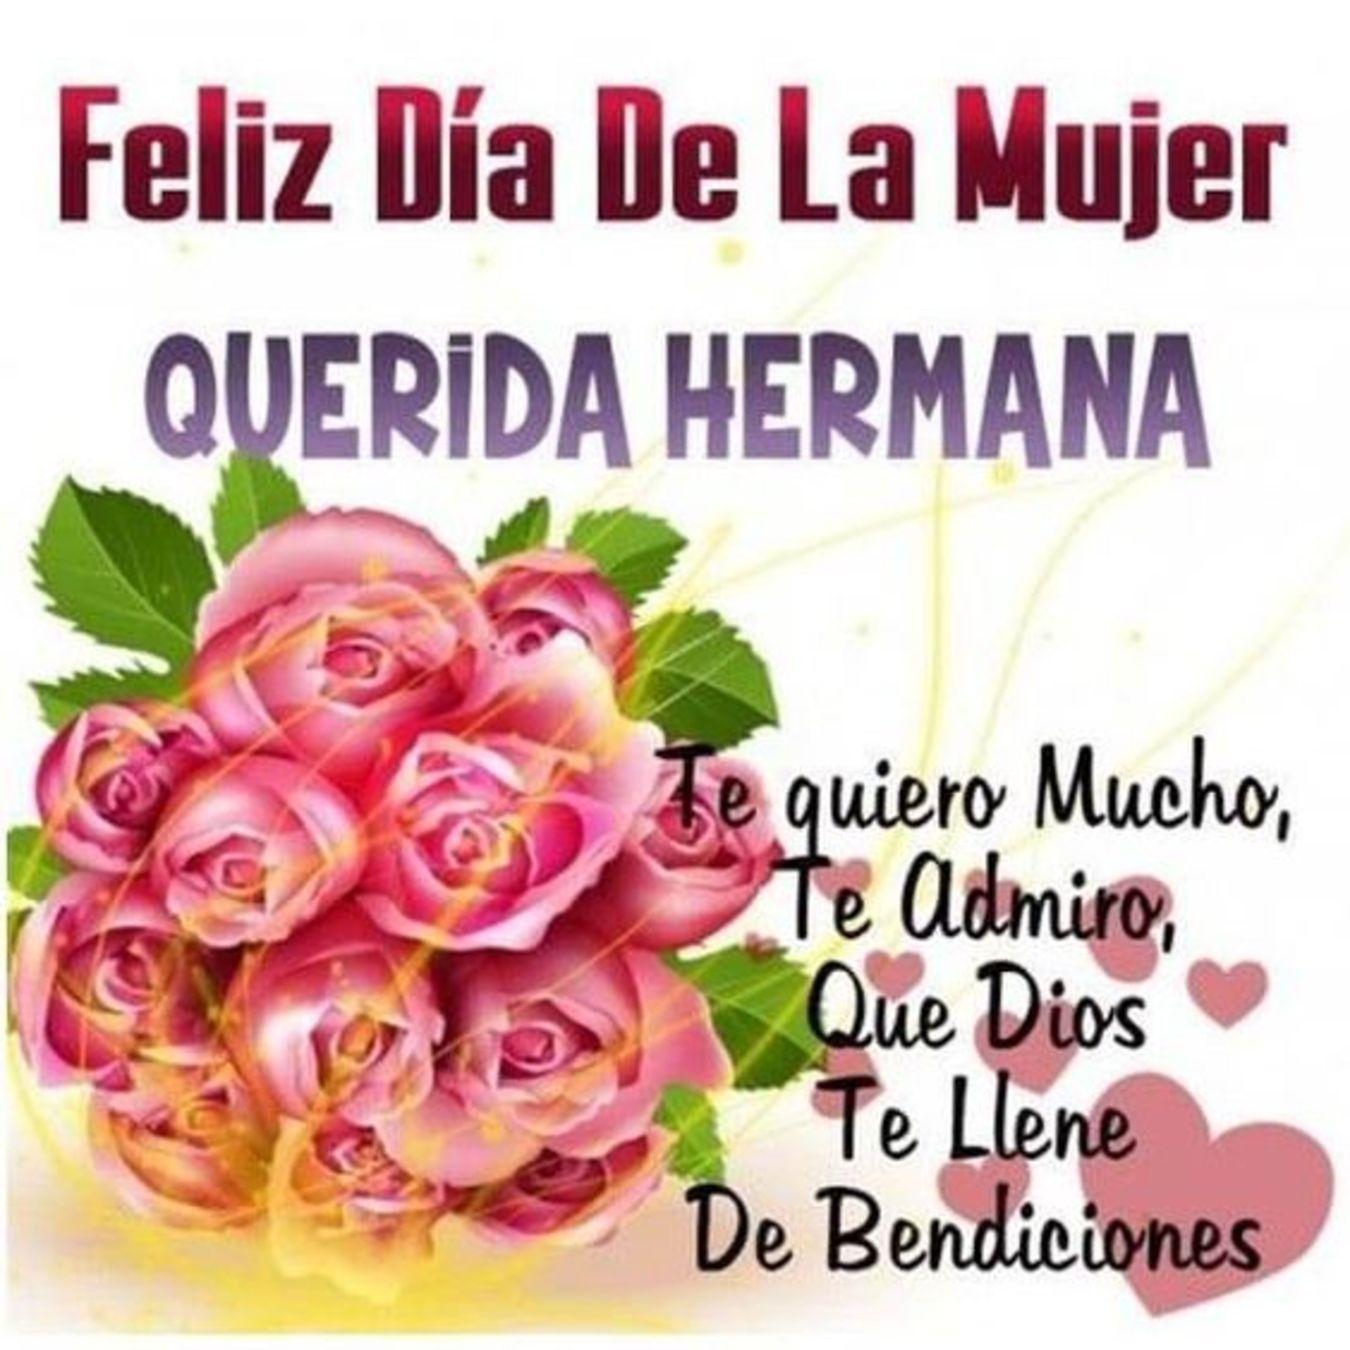 Feliz Dia De La Mujer Querida Hermana Con Imagenes Feliz Dia